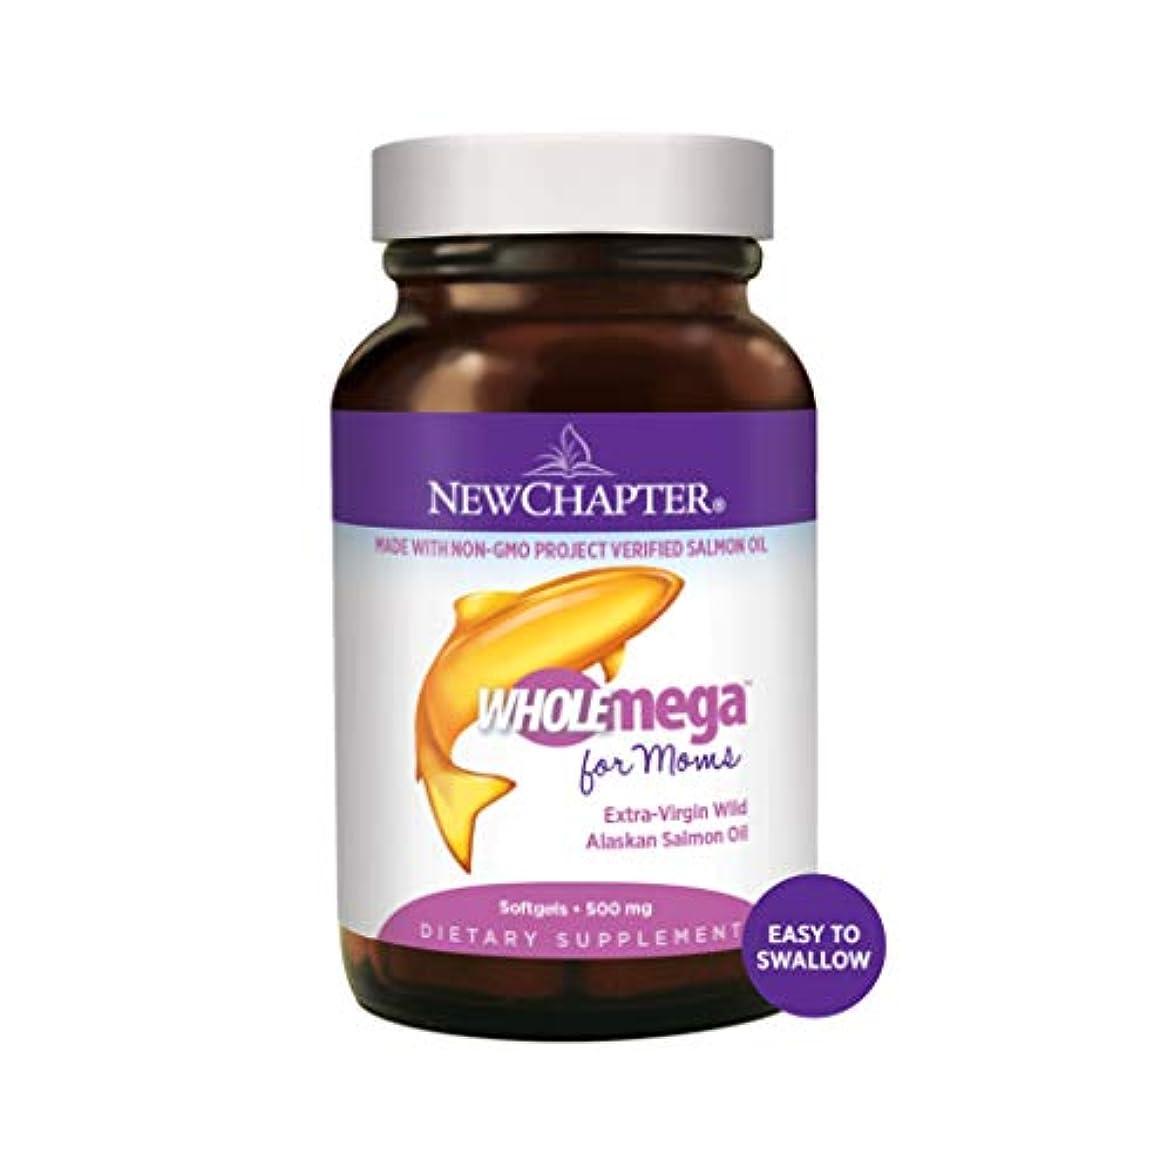 見る泥棒面積【妊婦さん用フィッシュオイル】New Chapter社 - Wholemega Prenatal 500 mg - 90 Softgels  ~海外直送品~